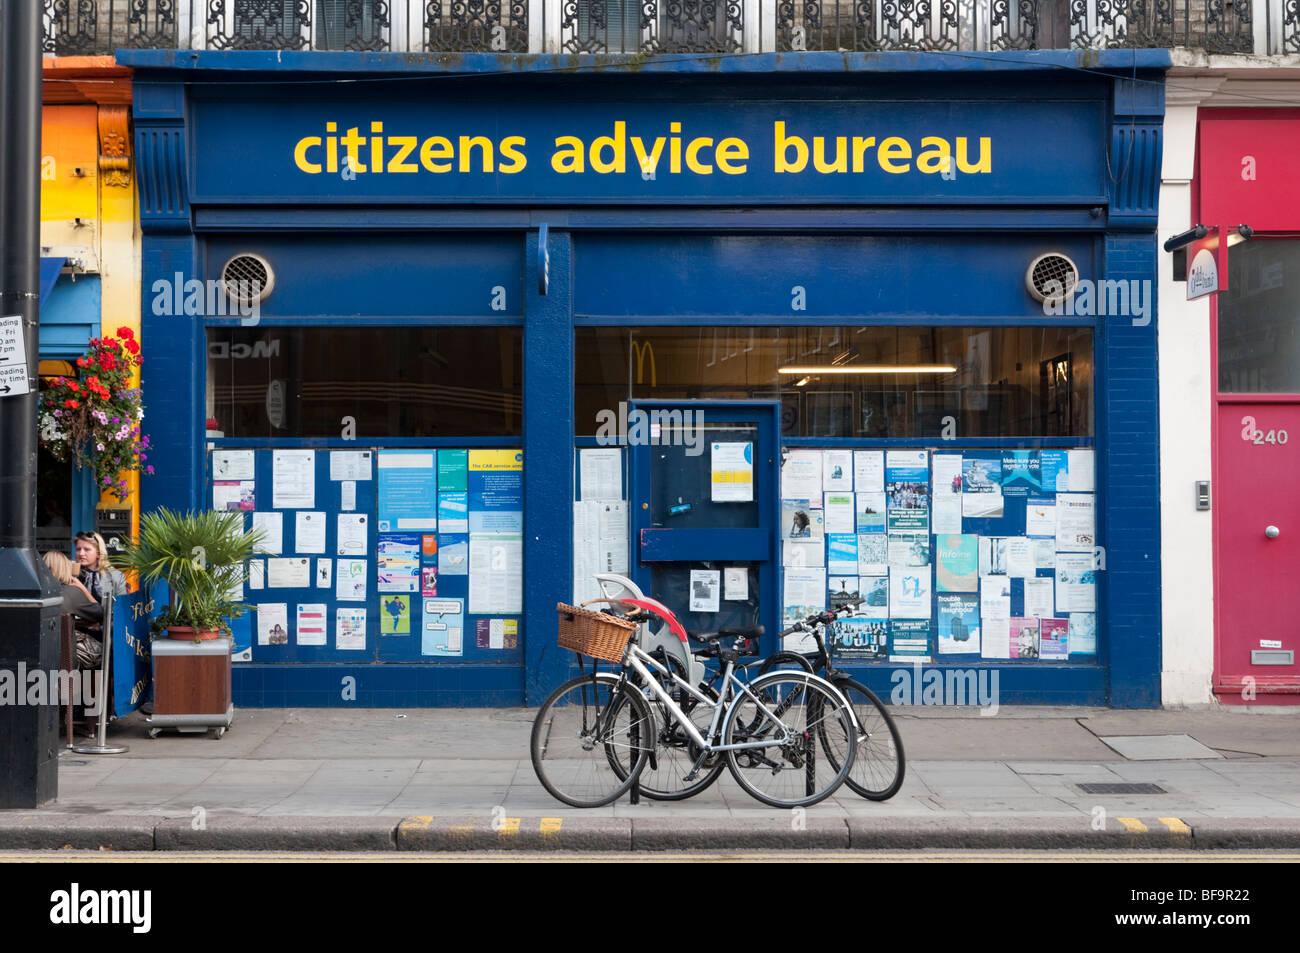 Le Bureau de conseil aux citoyens de London, England, UK Photo Stock